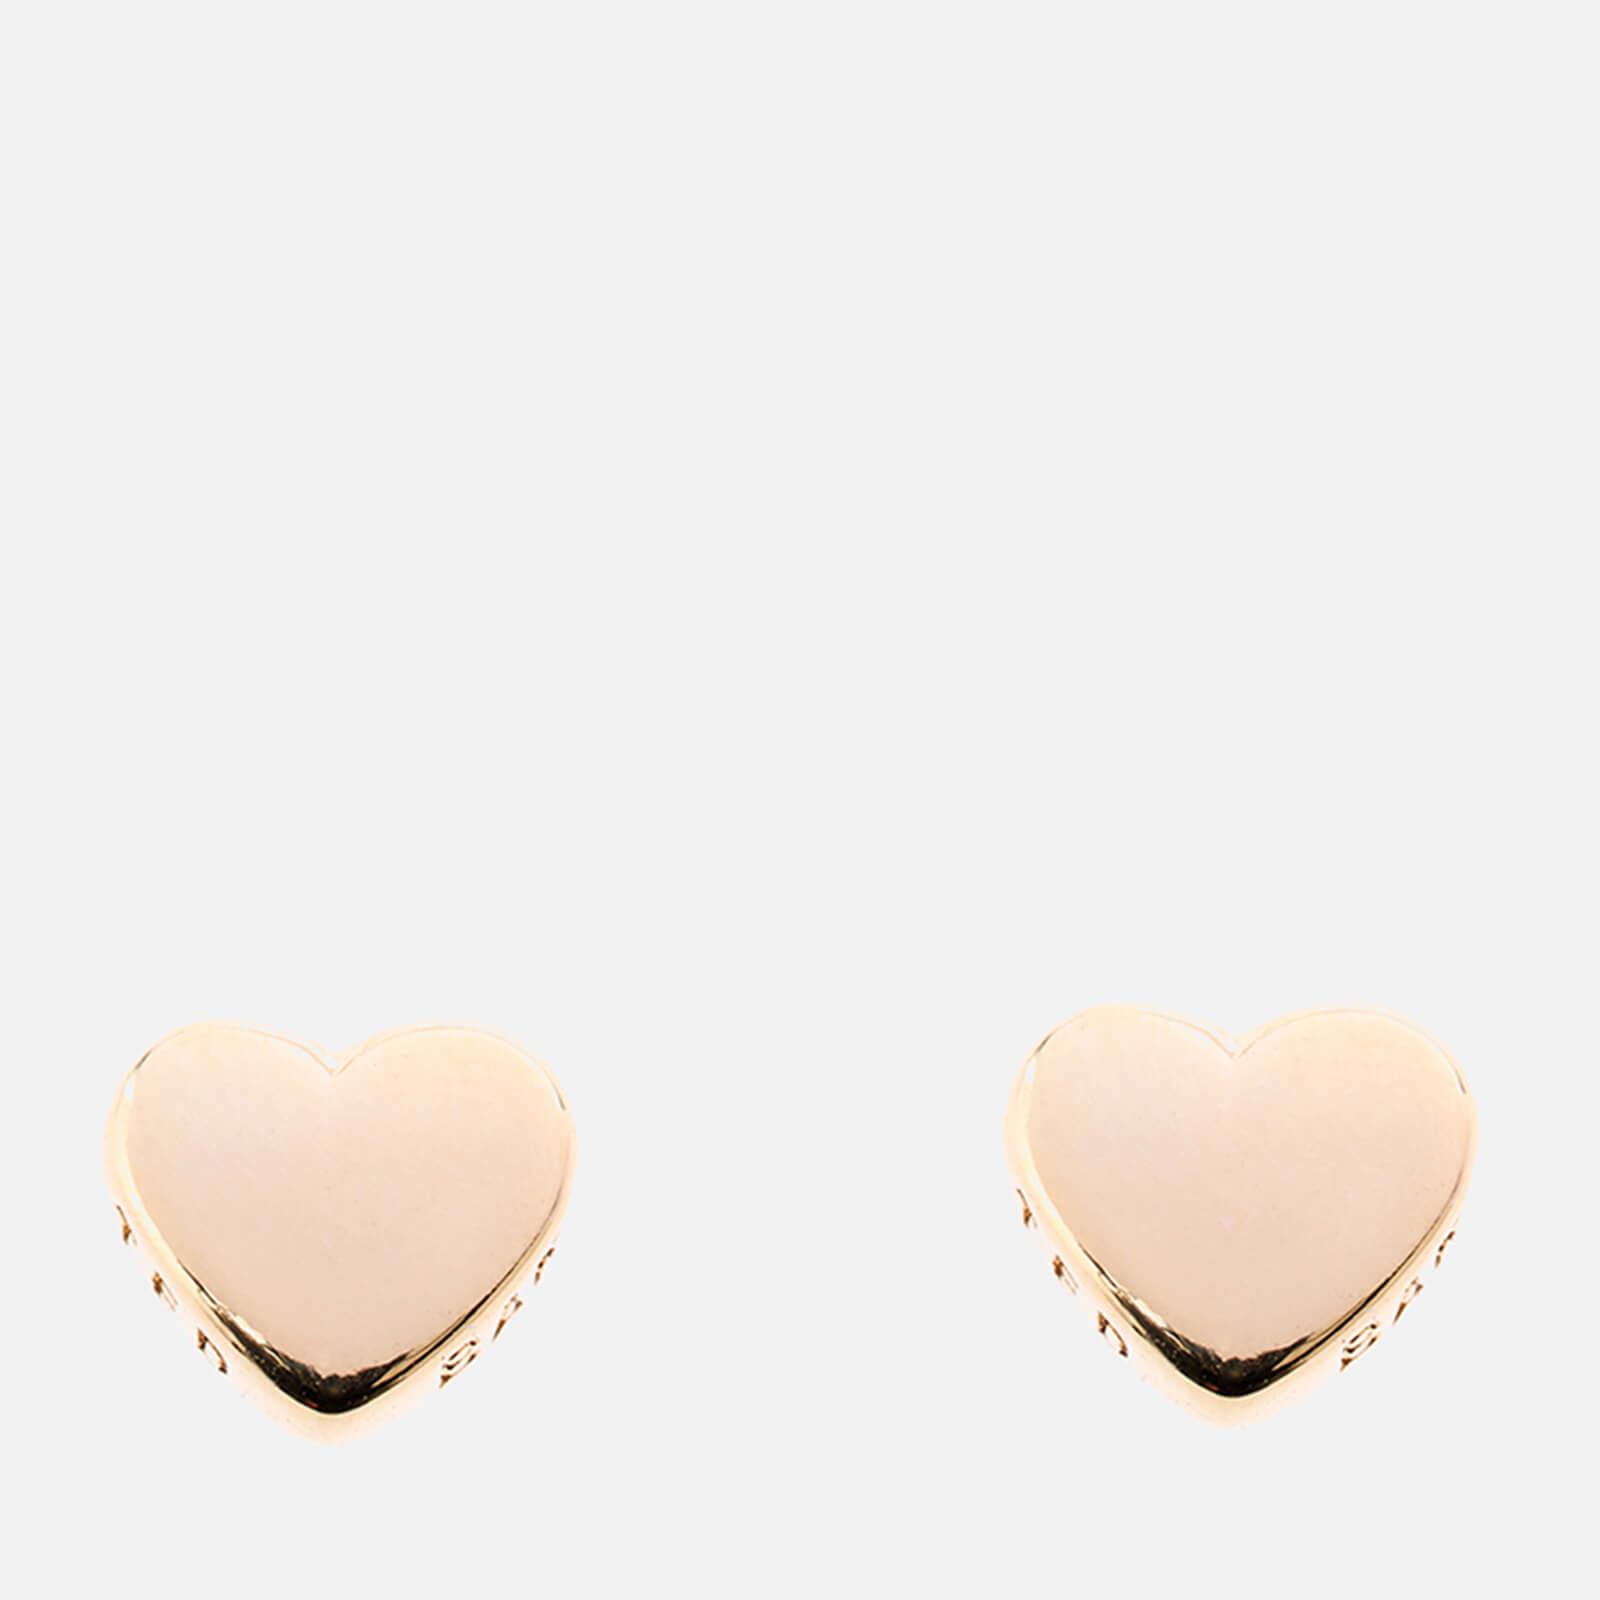 Ted Baker Women's Harly Tiny Heart Stud Earrings - Gold